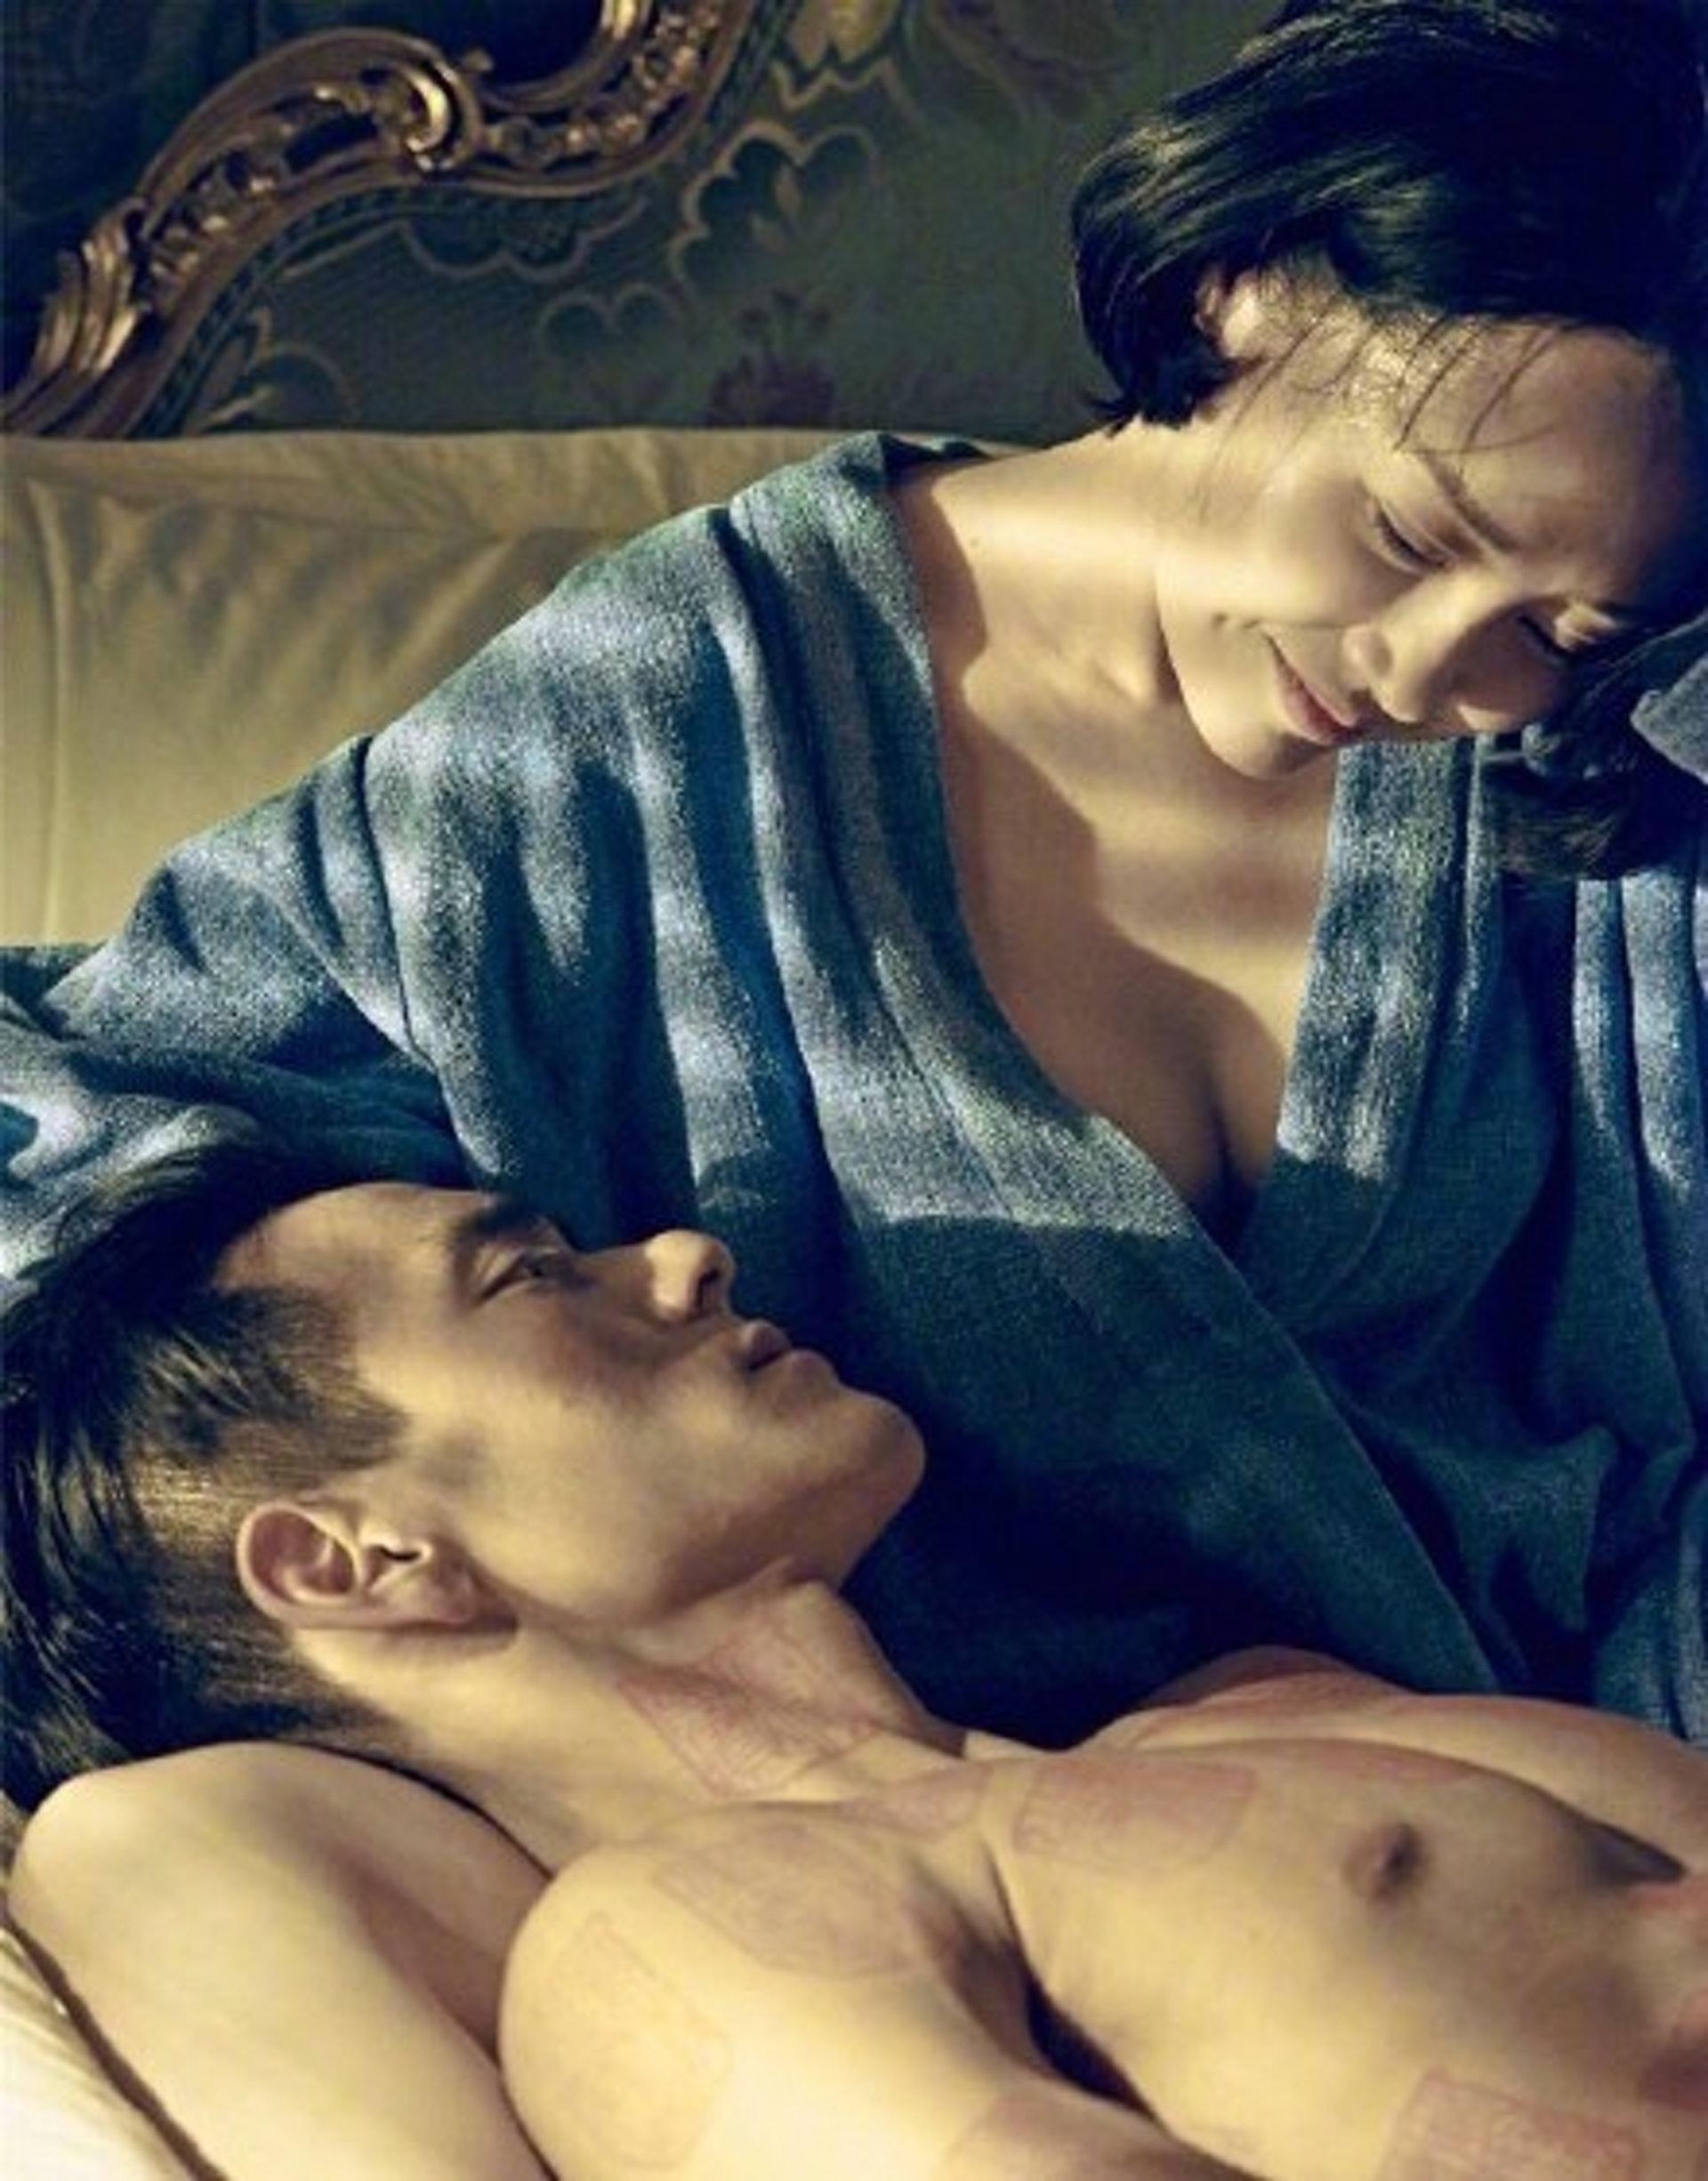 片中彭于晏與年近半百的內地女星許晴有床上戲,又係全裸上陣。